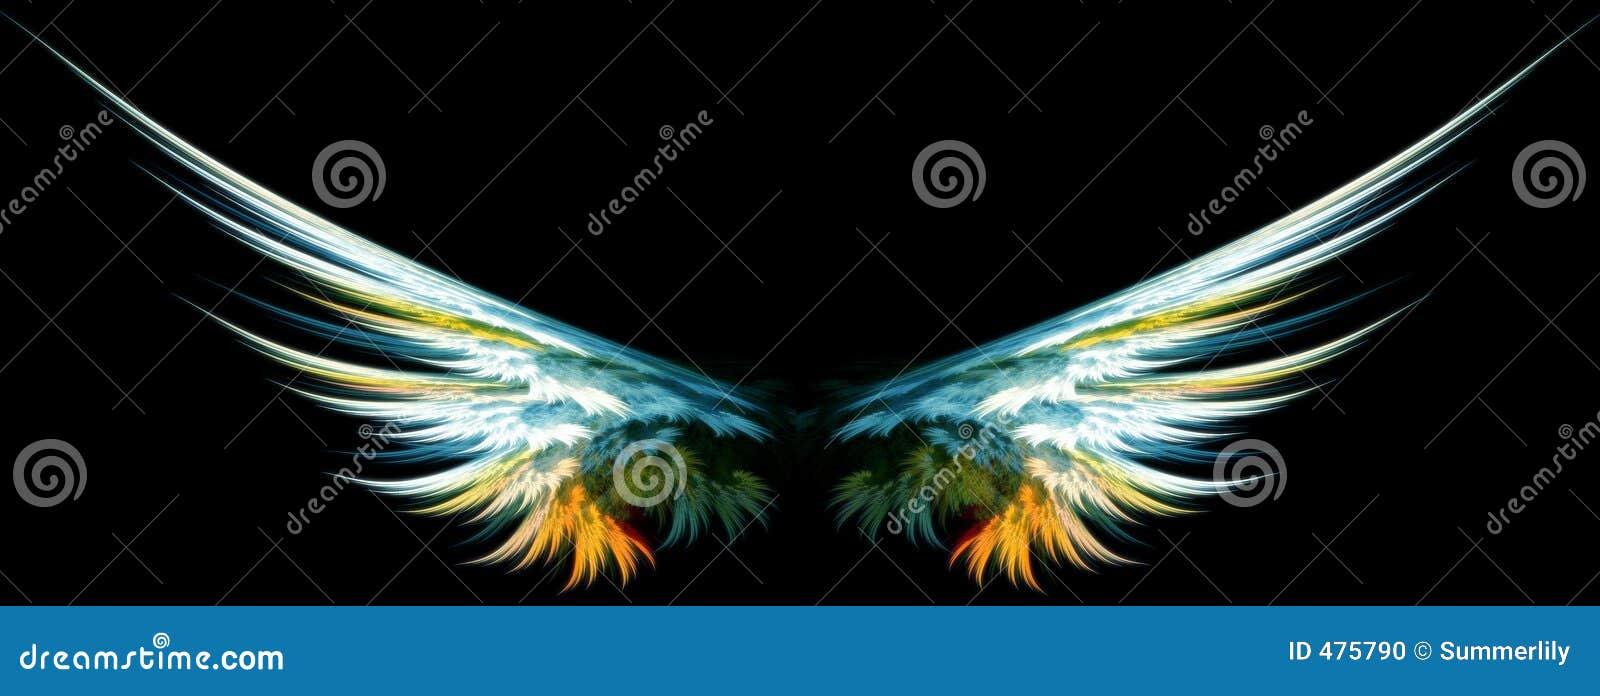 Niebieski skrzydła anioła